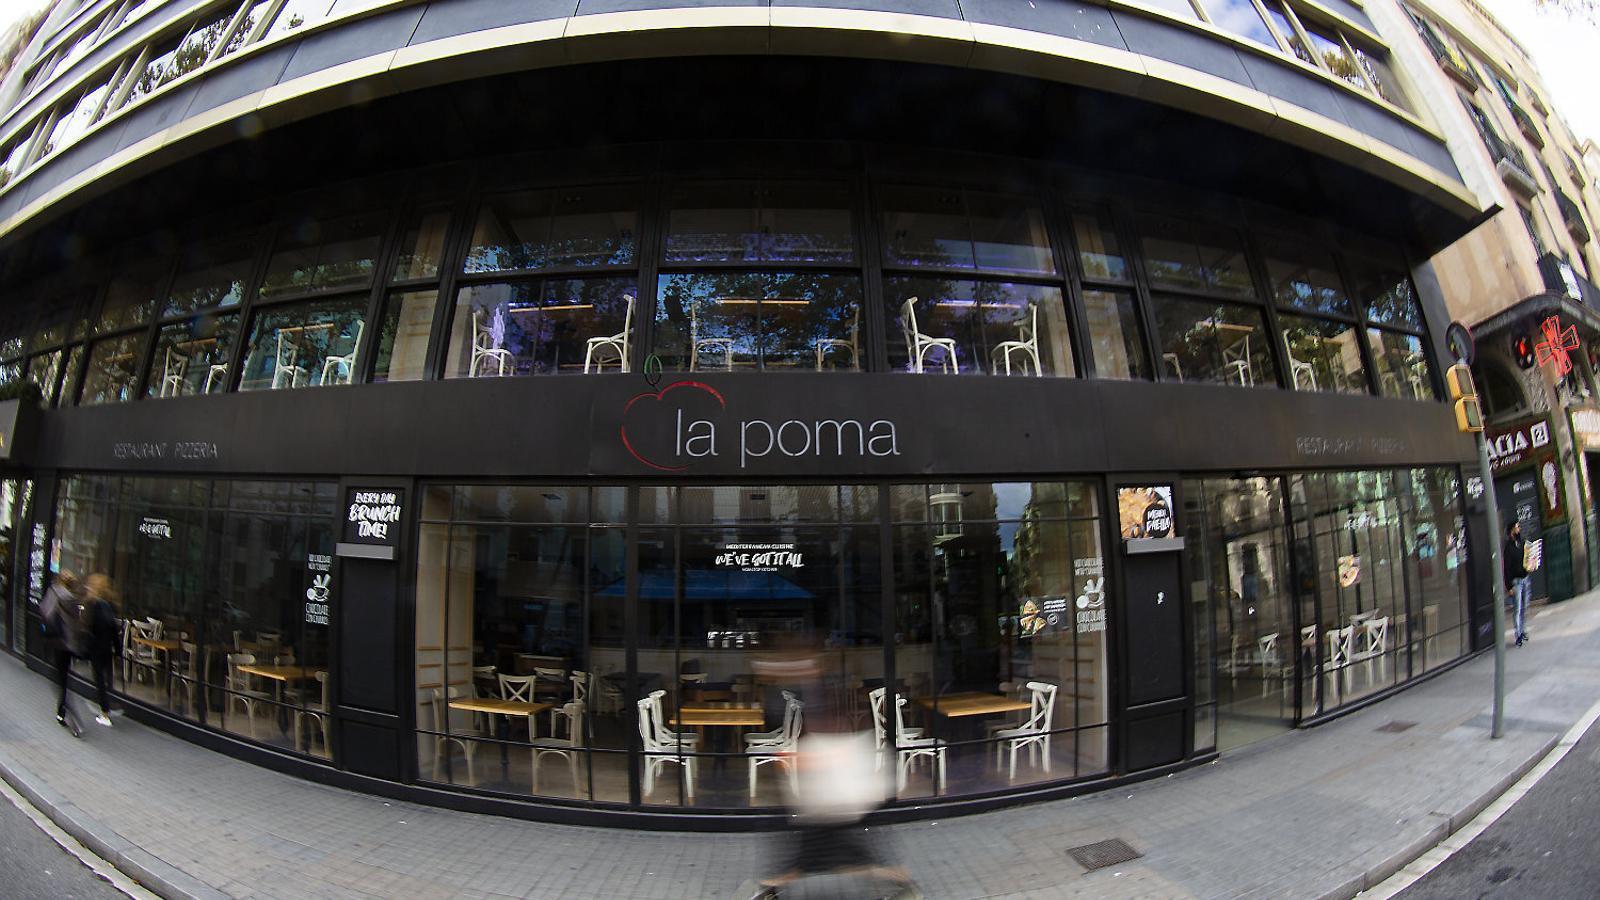 Un restaurant de la Rambla  de Barcelona  tancat, després que el Govern aprovés per  decret els quinze  dies de  restriccions  a bars i  restaurants.